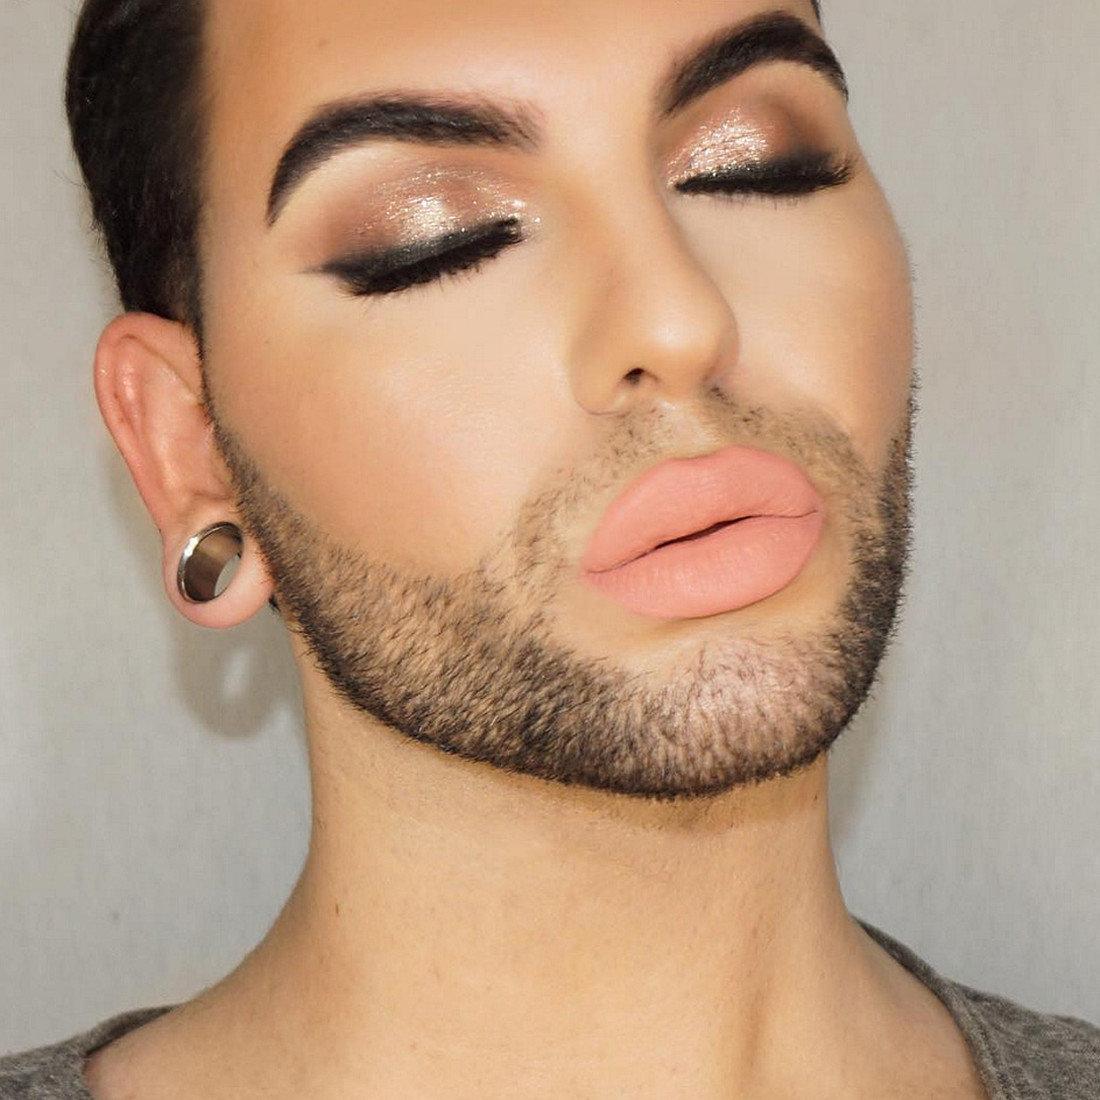 мужик с накрашенными губами - 14